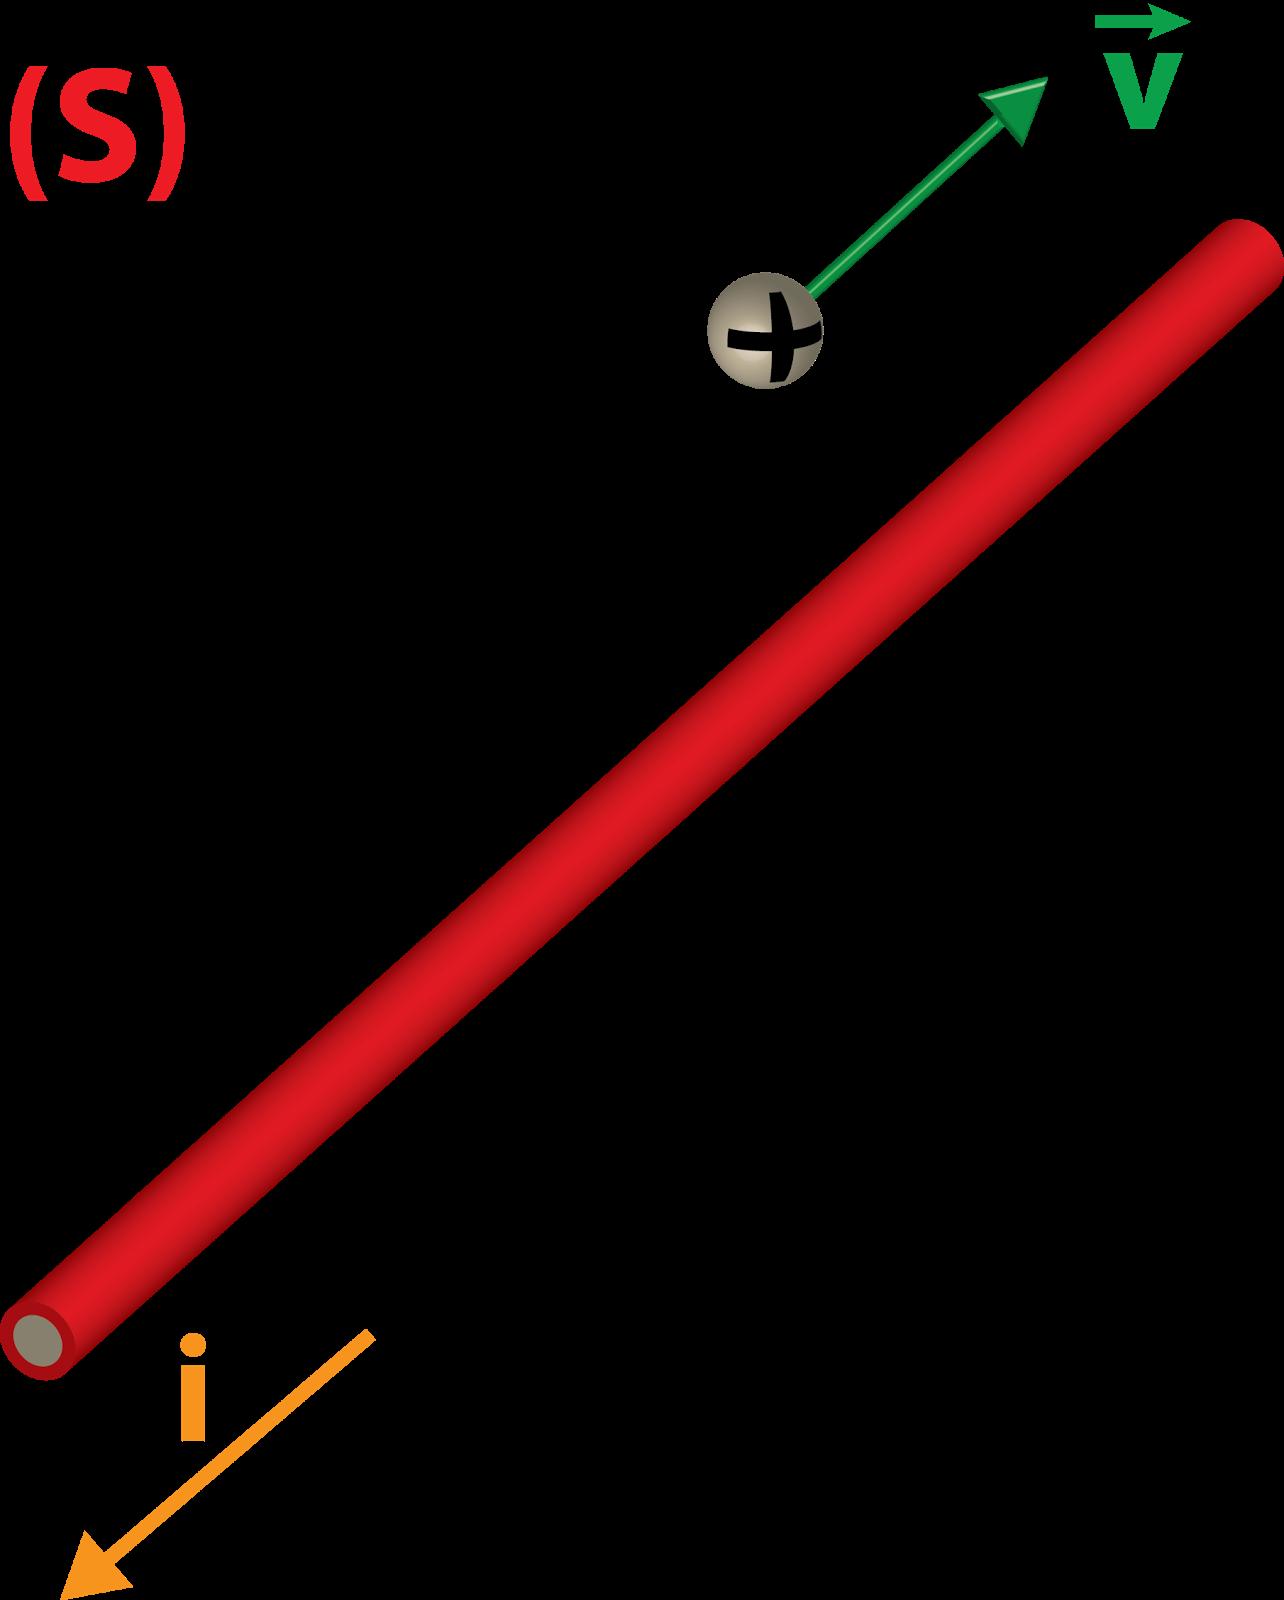 Eletrodinamica cargas eletricas em movimento